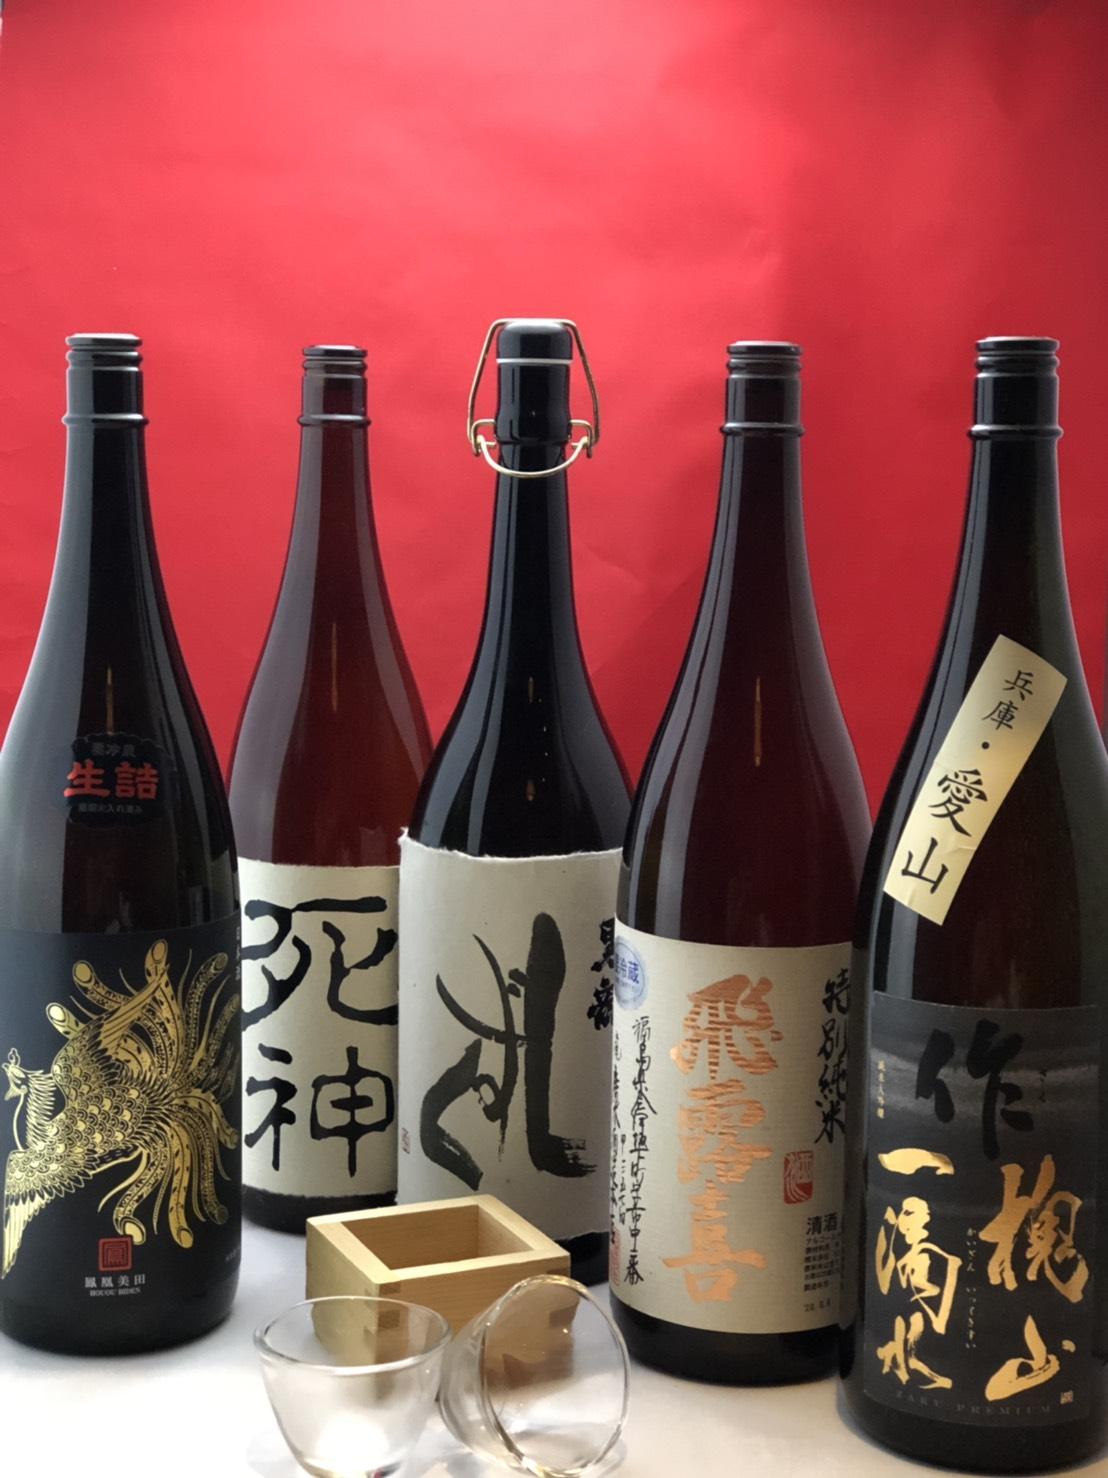 六本木の和食居酒屋でお好みの日本酒を